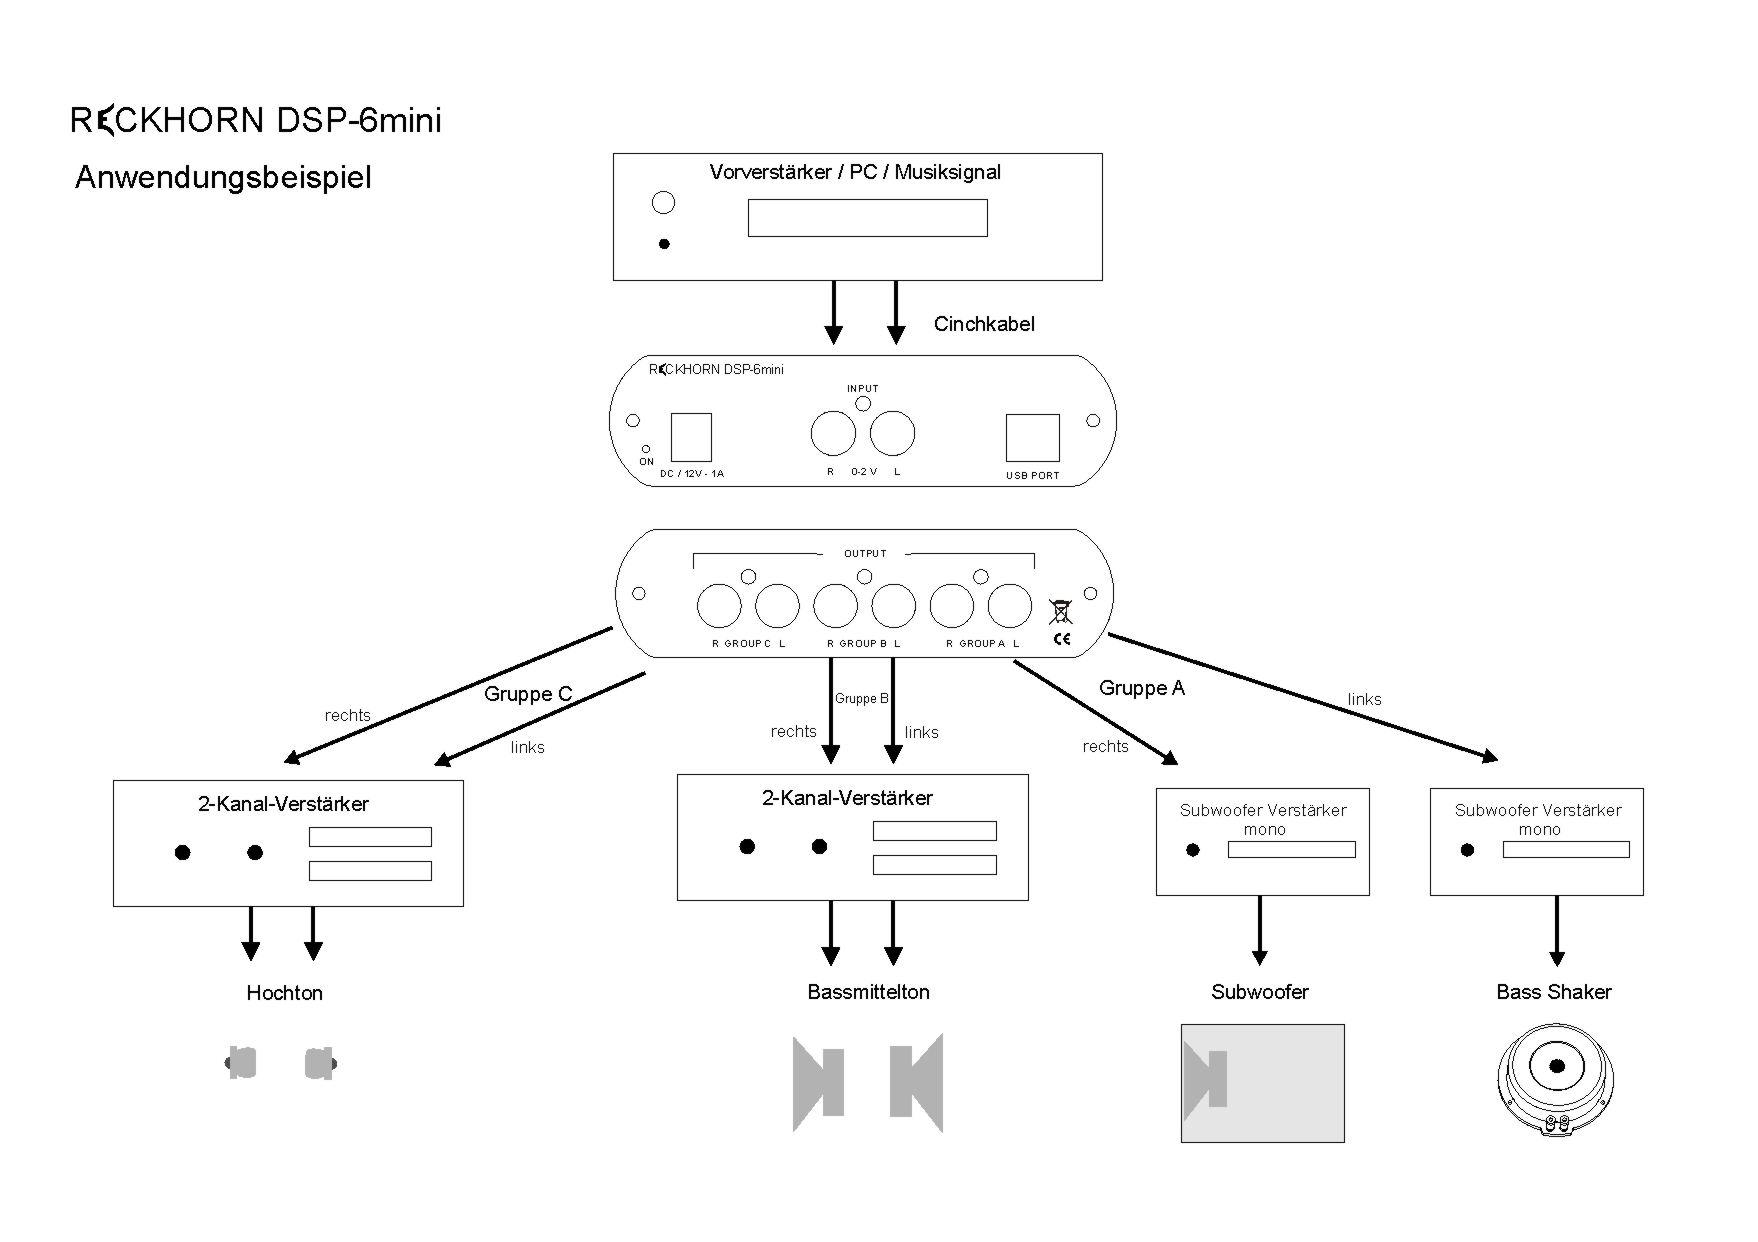 Reckhorn DSP-6mini Anwendungsbeispiel